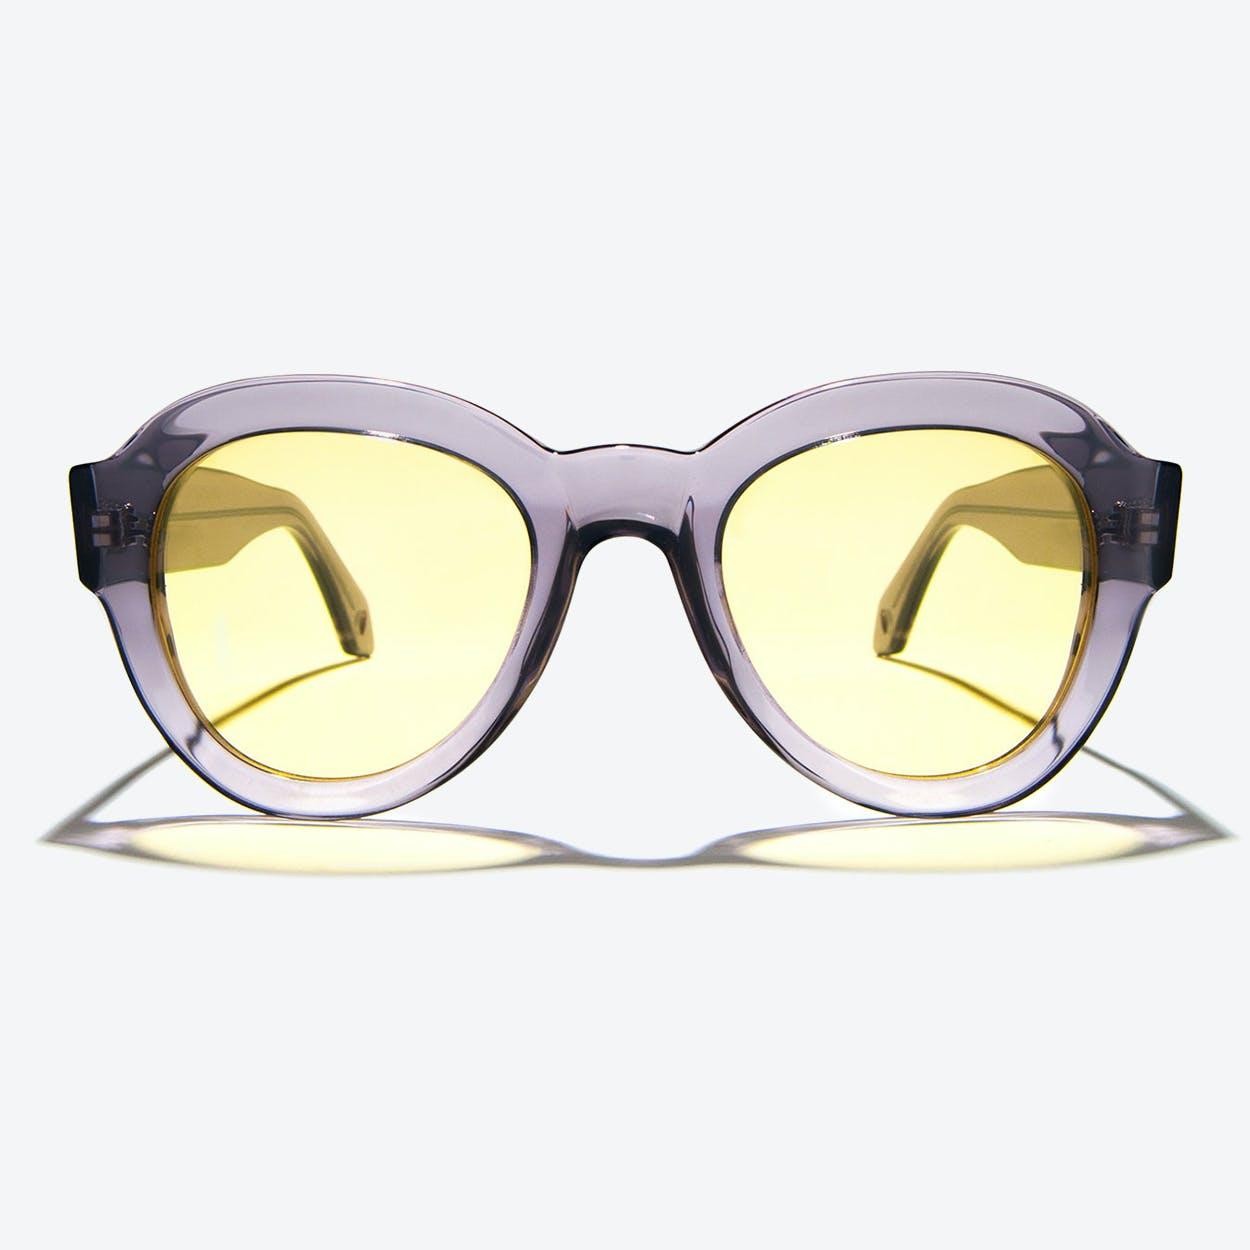 Vega Sunglasses in Grey